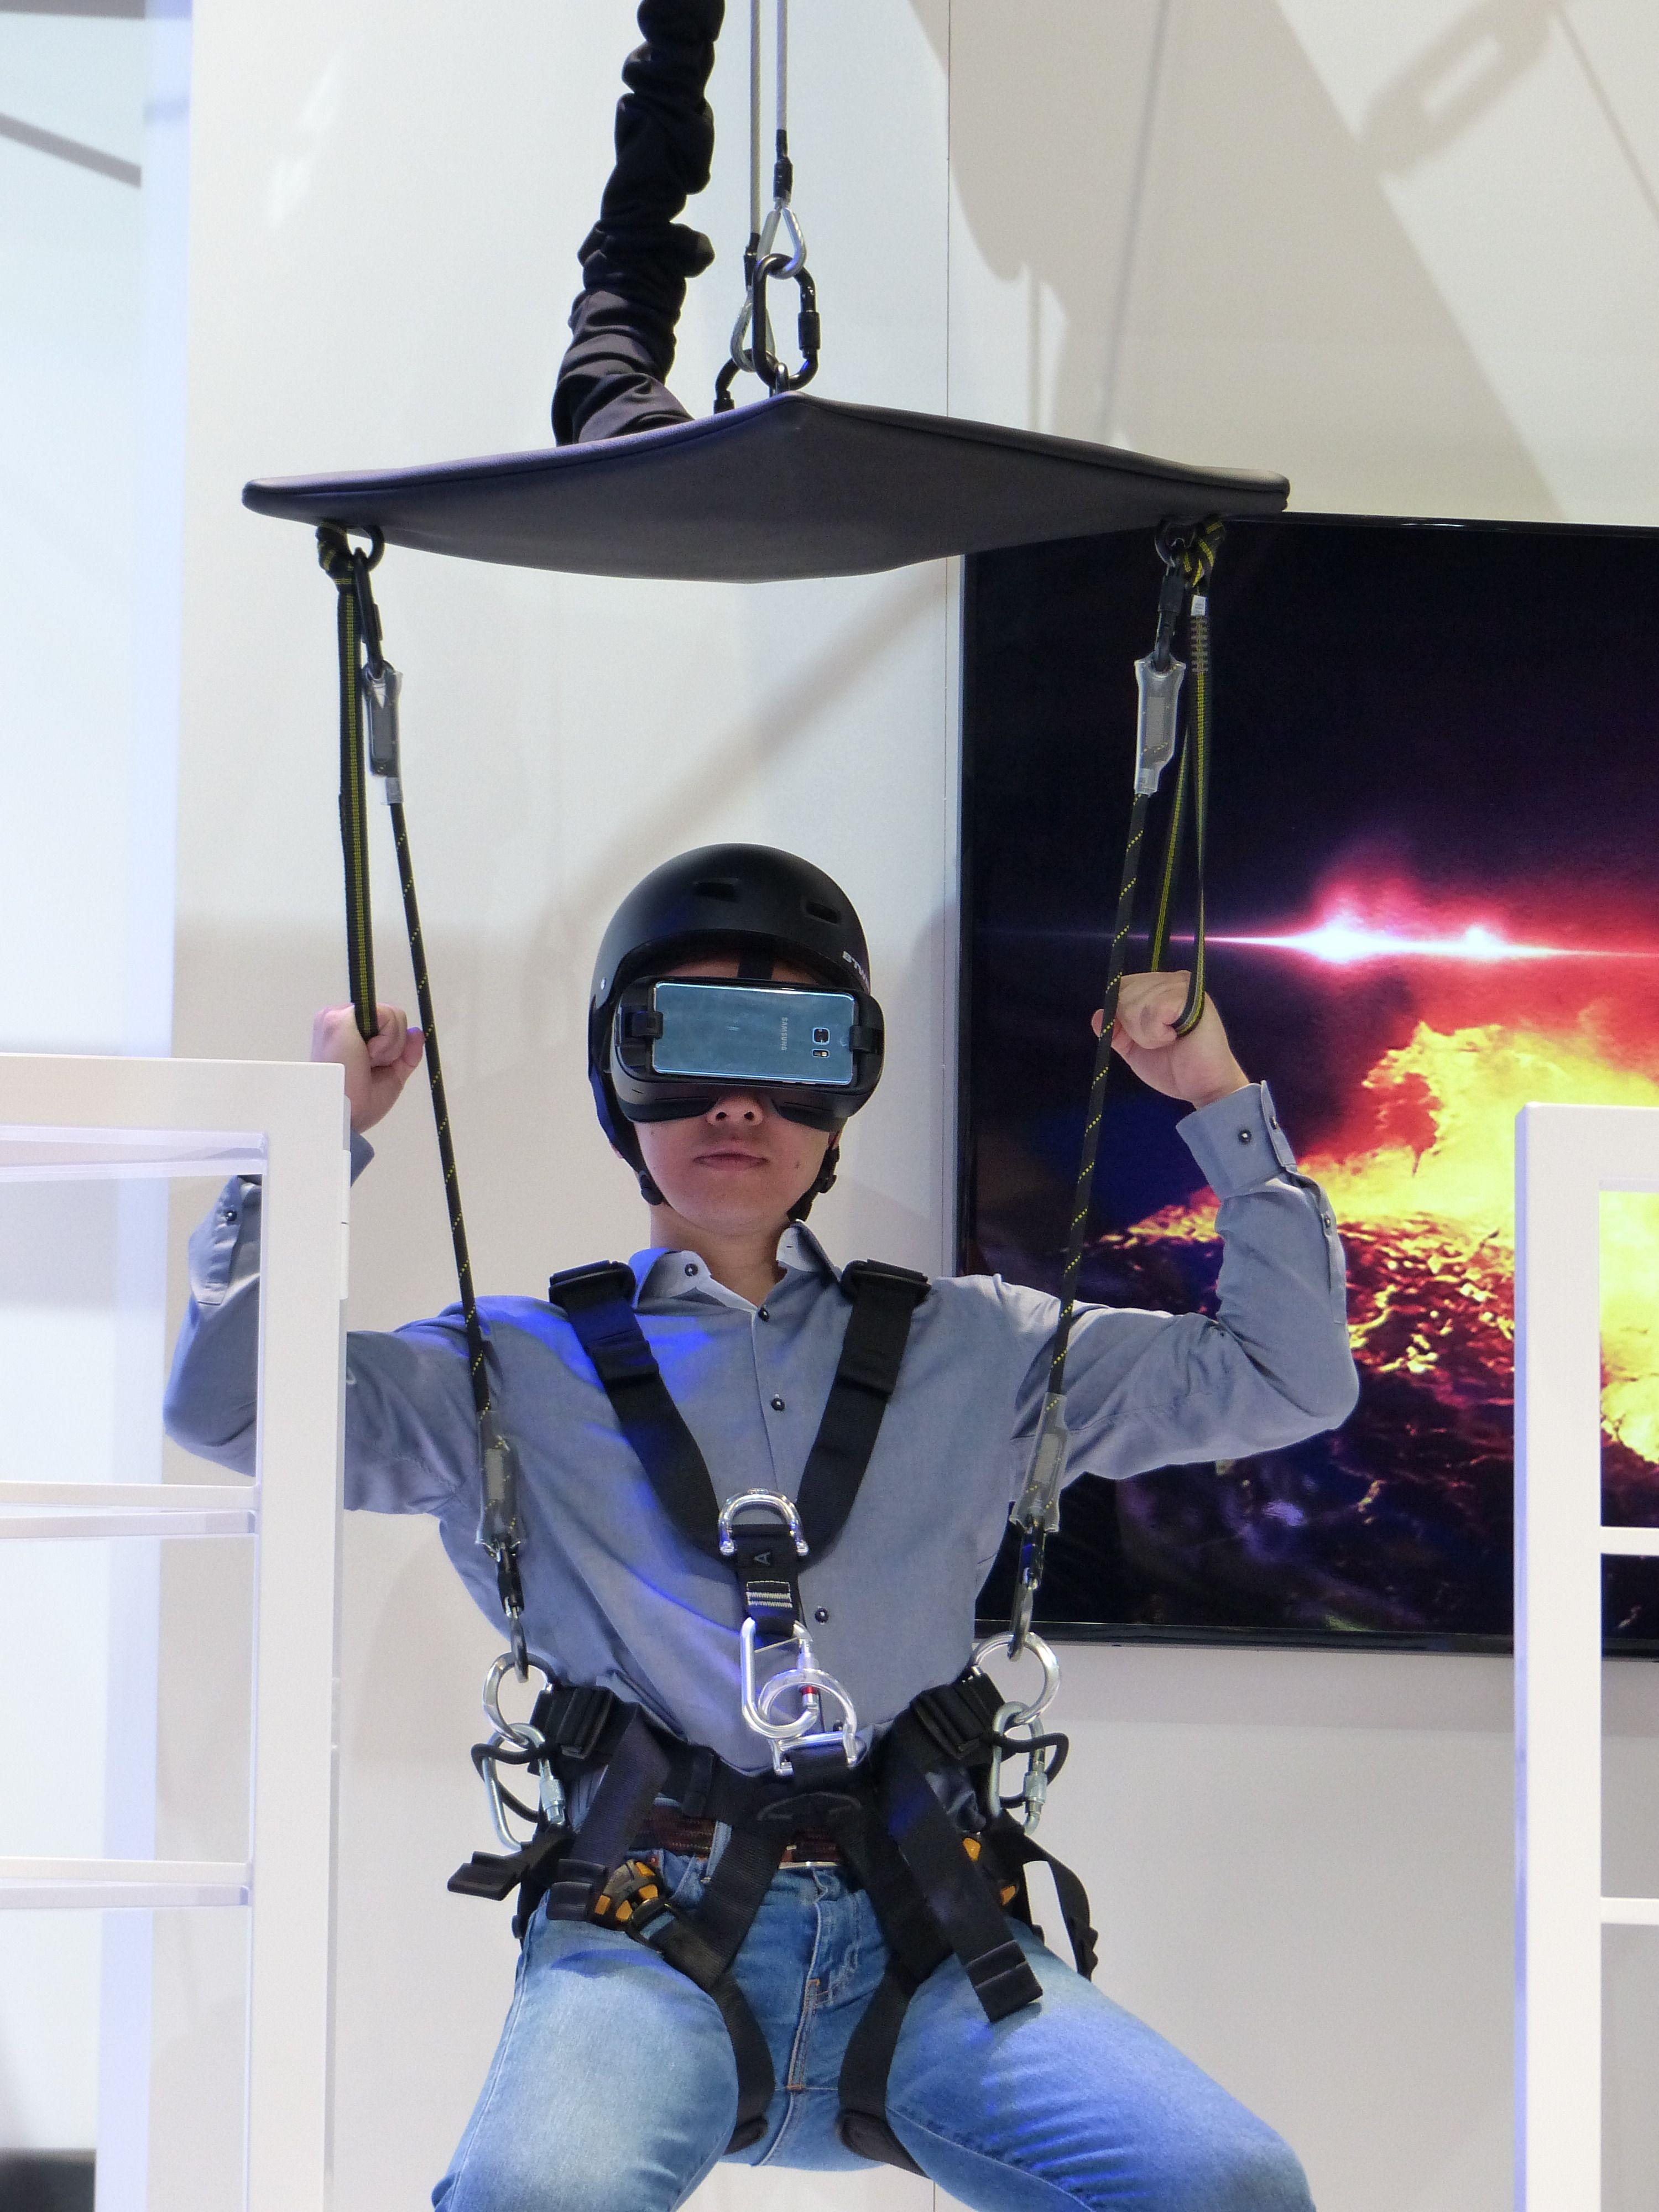 Hengende i en line blir du sluppet ned i en vulkan. Heldigvis er det bare VR.